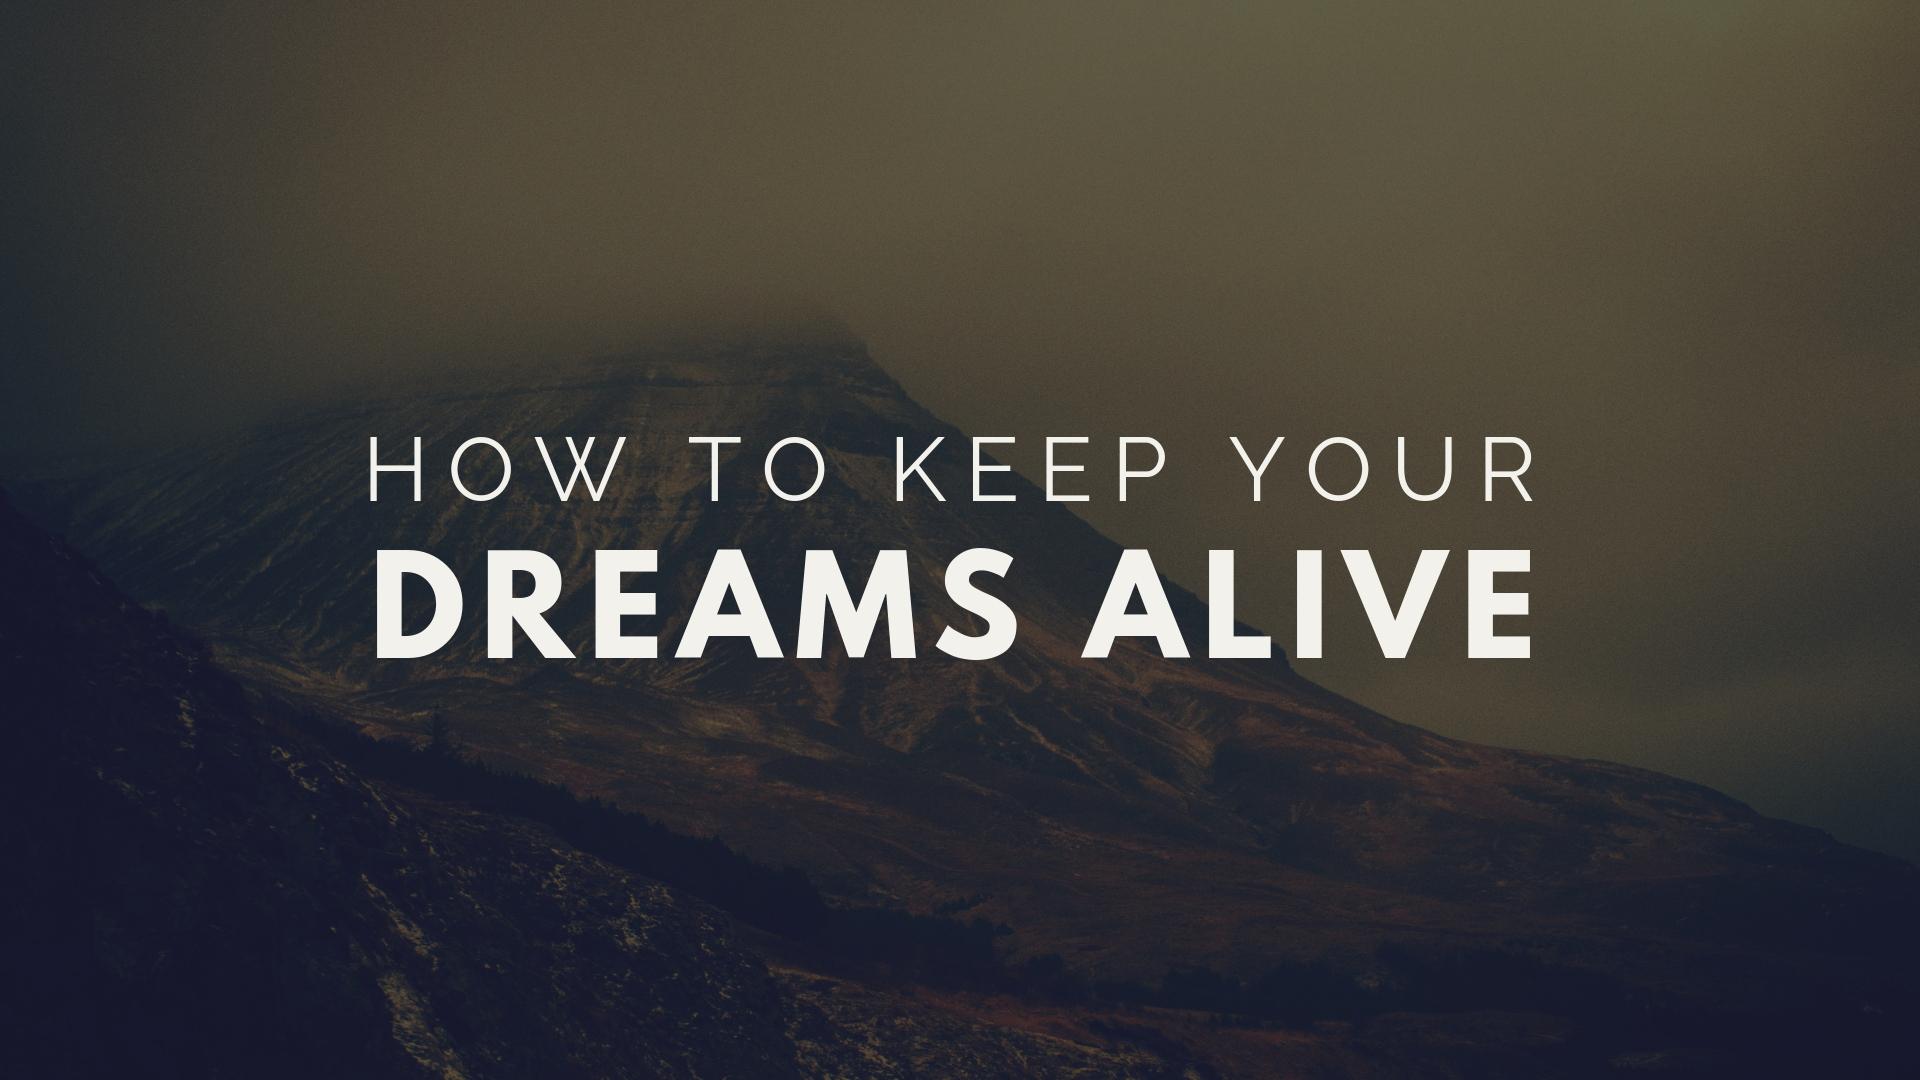 dreams alive.jpg